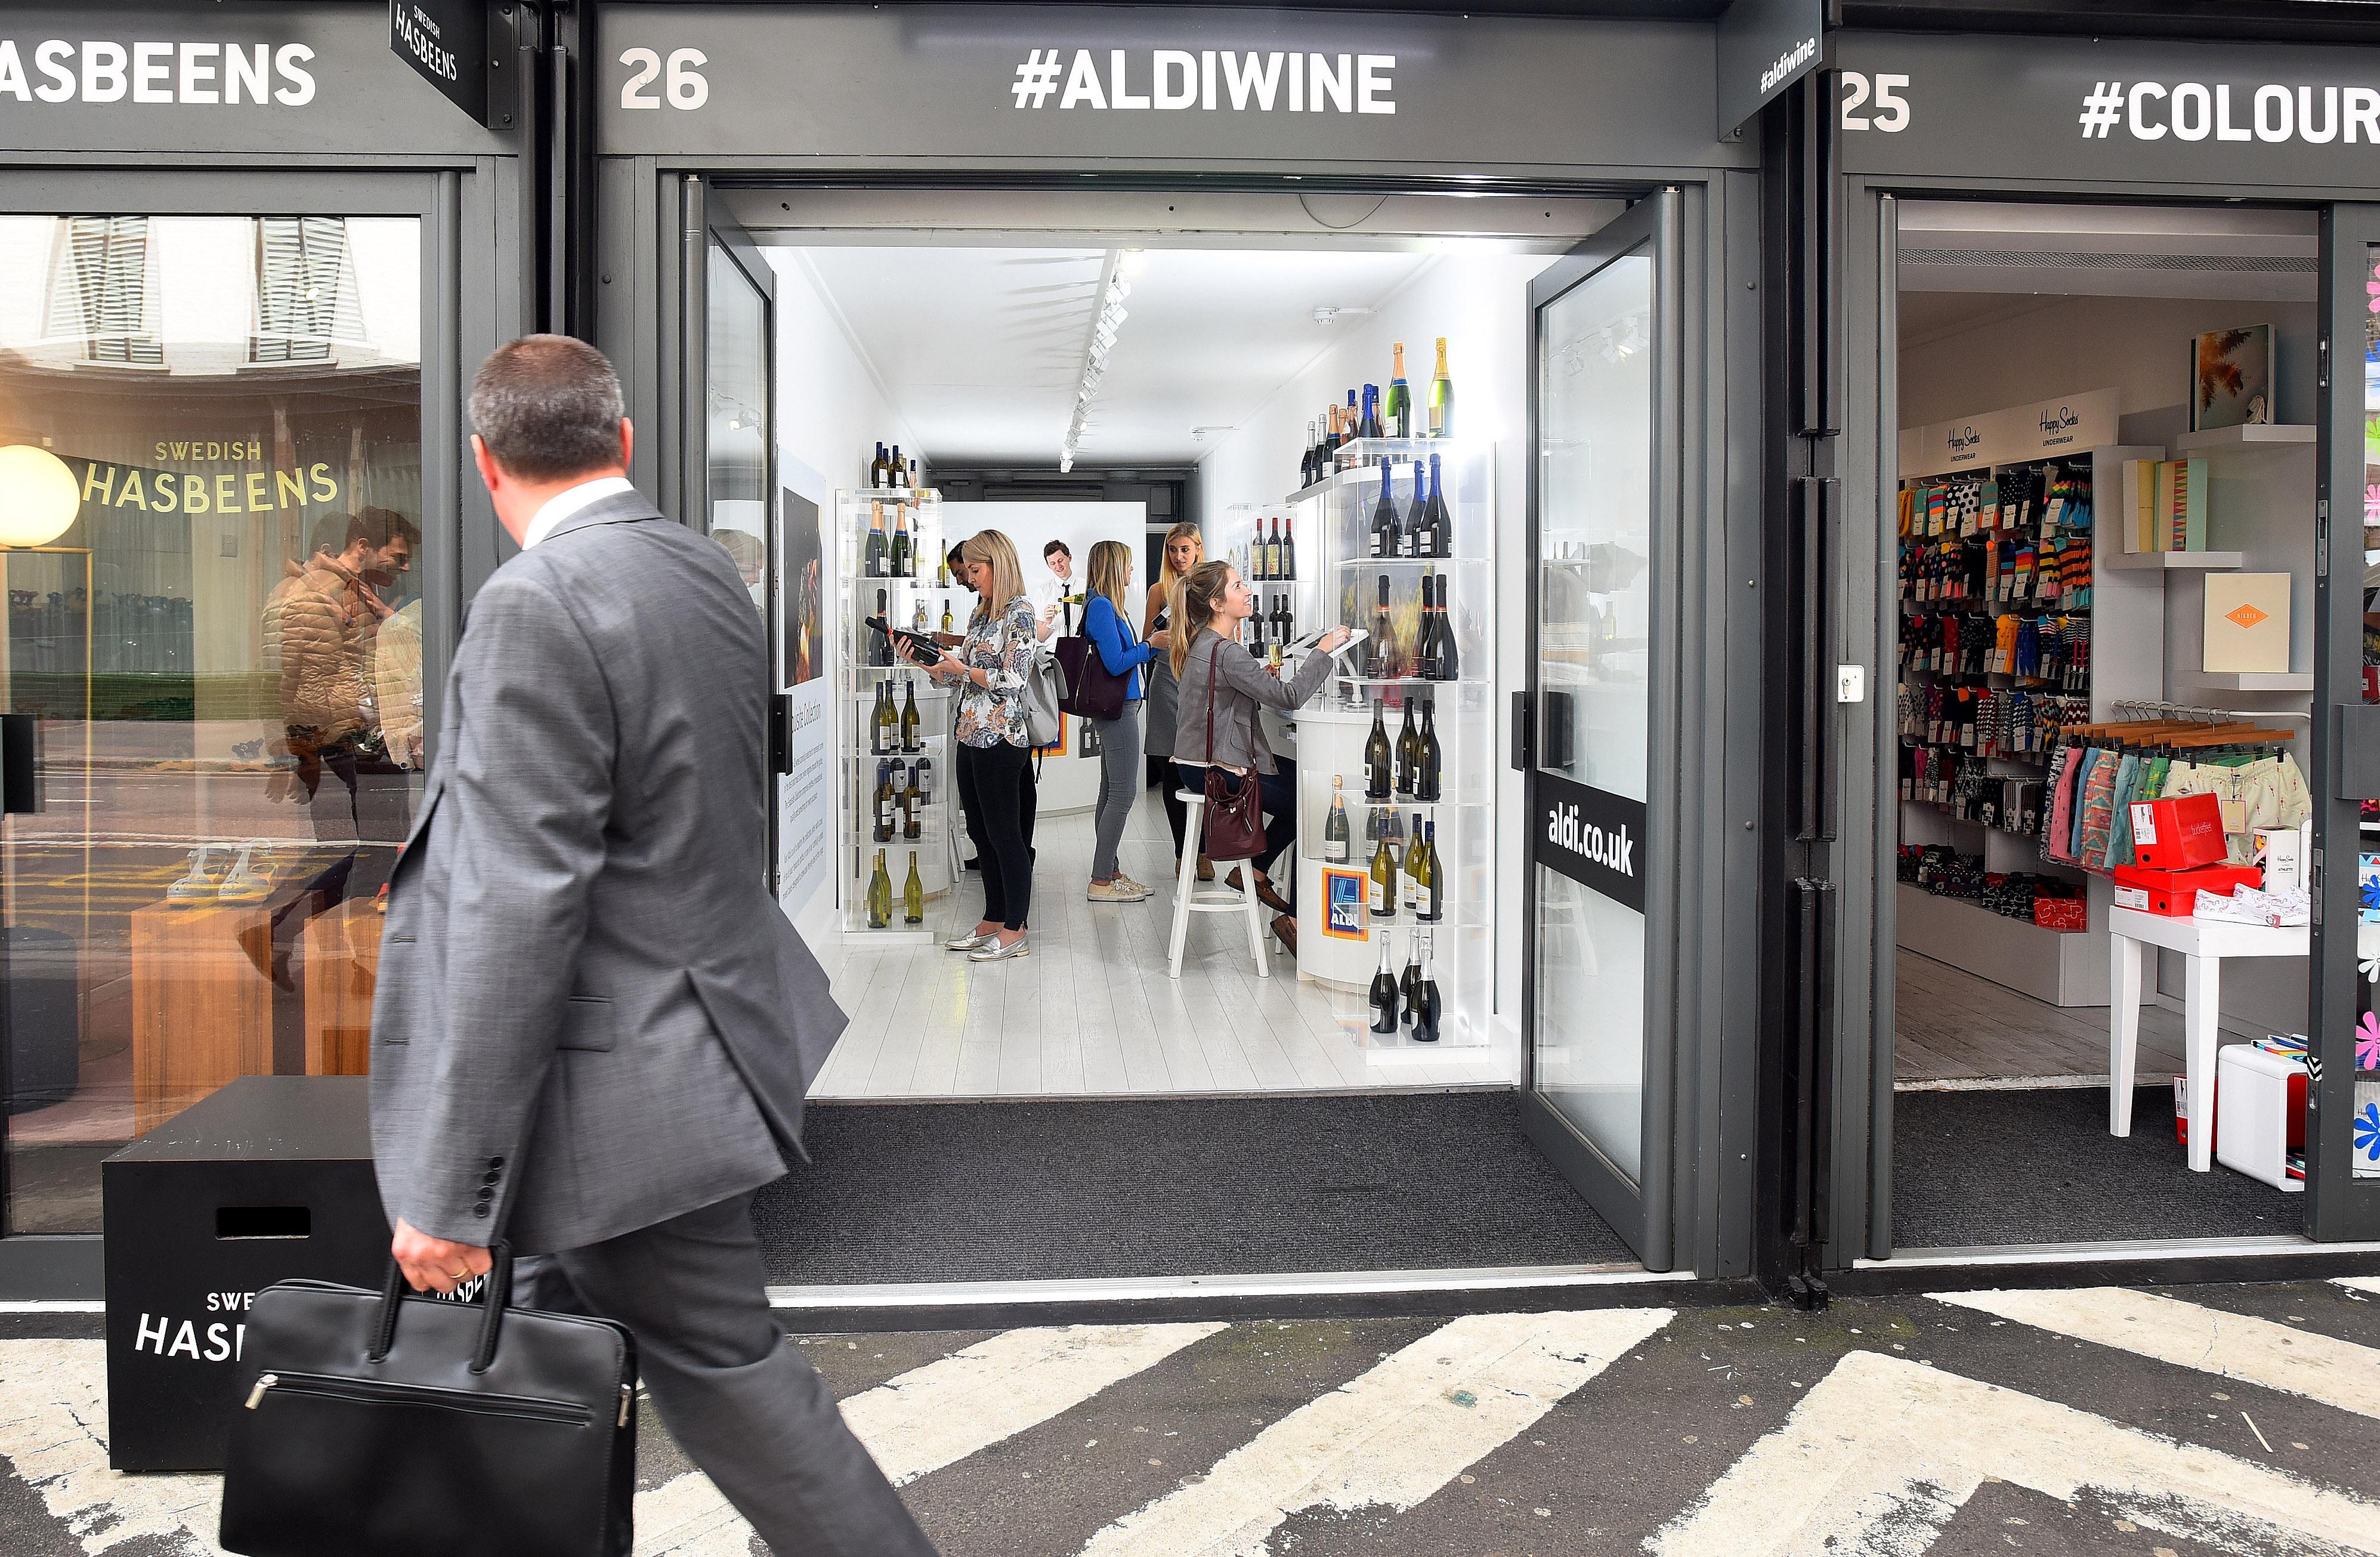 Clarion drive sales for Aldi Wine